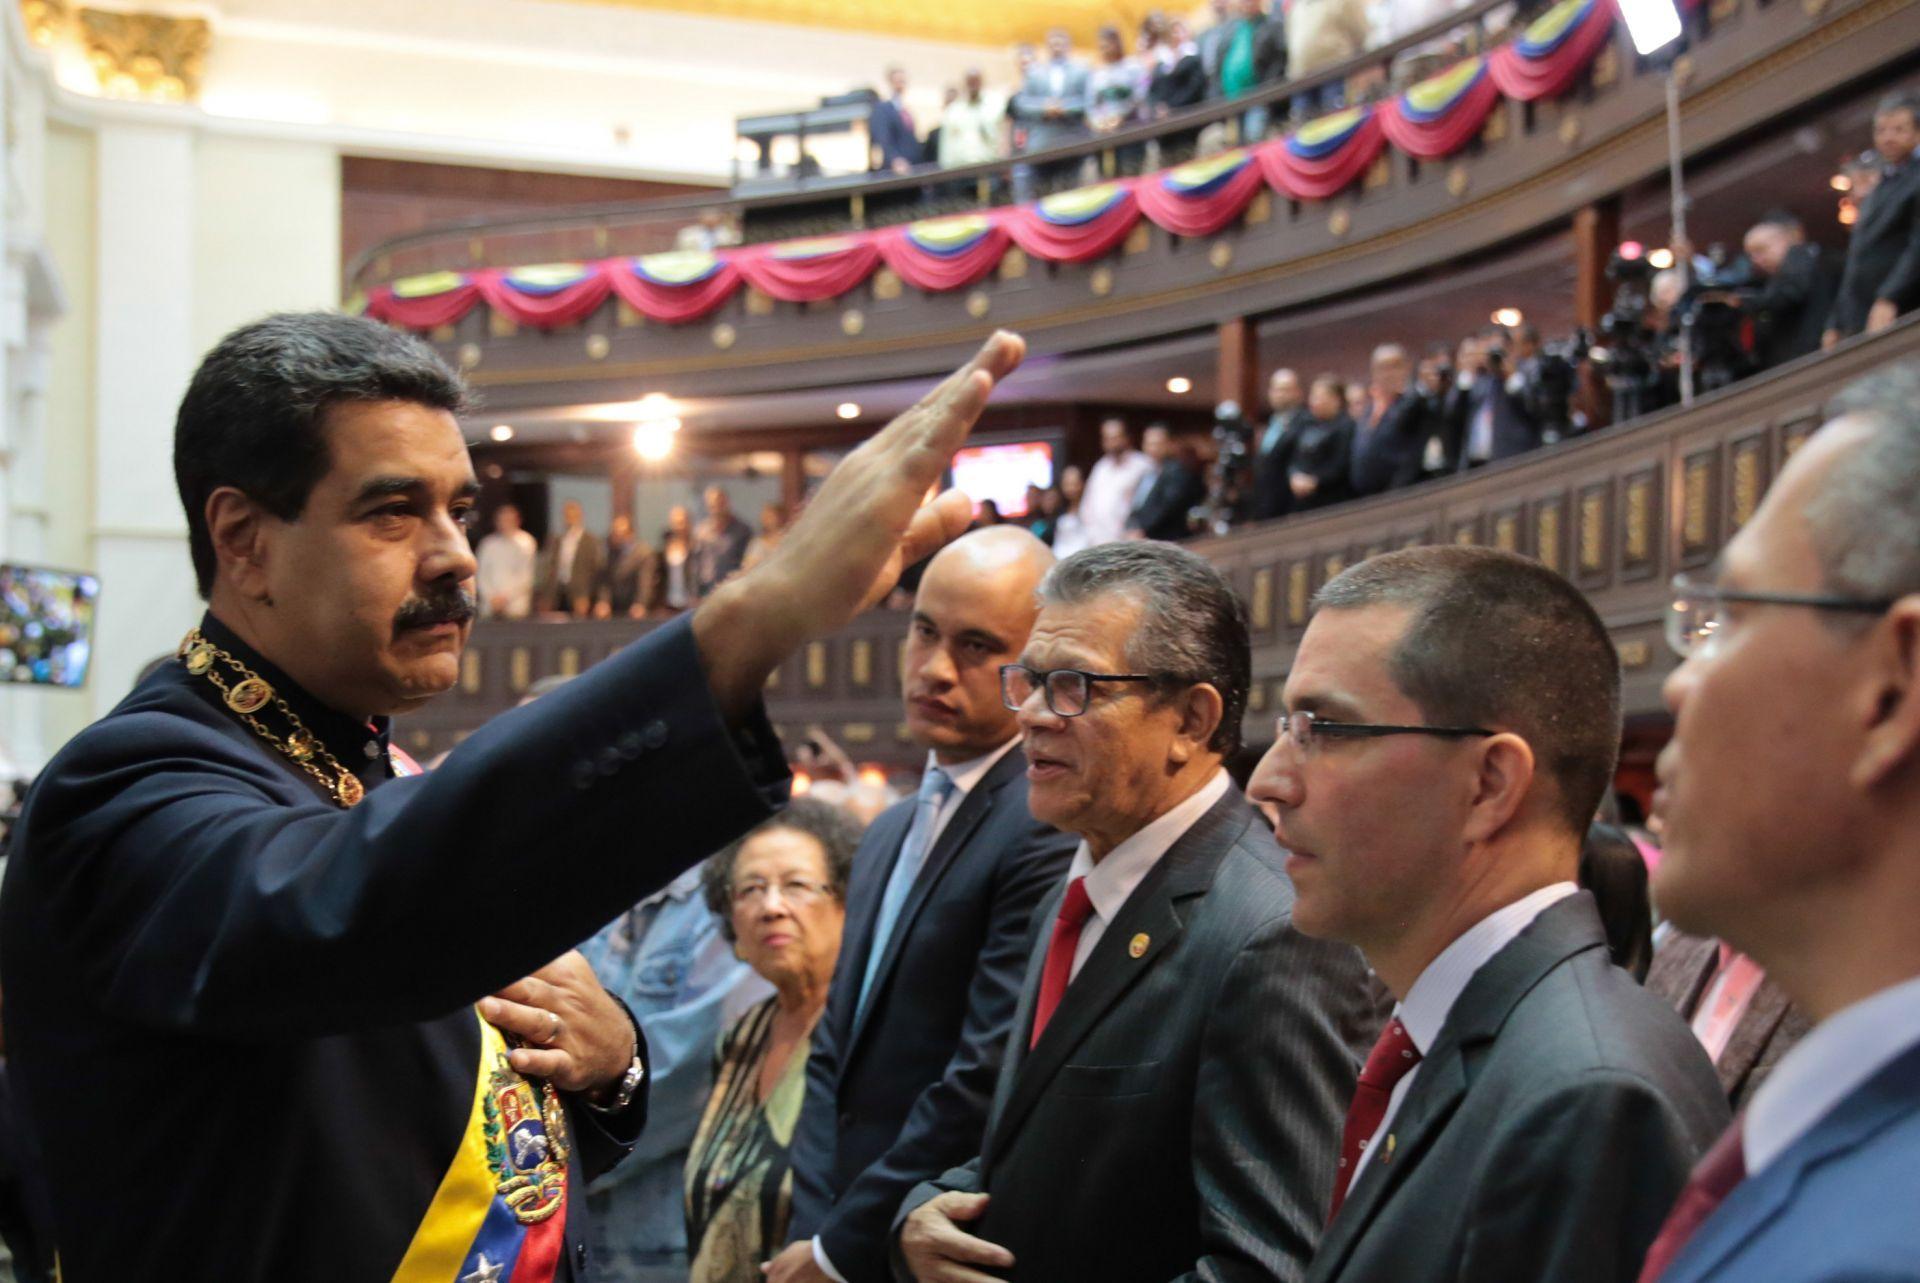 Fotografía cedida por prensa de Miraflores donde se observa al presidente de Venezuela, Nicolás Maduro (i), mientras participa en un acto de la Asamblea Nacional Constituyente.